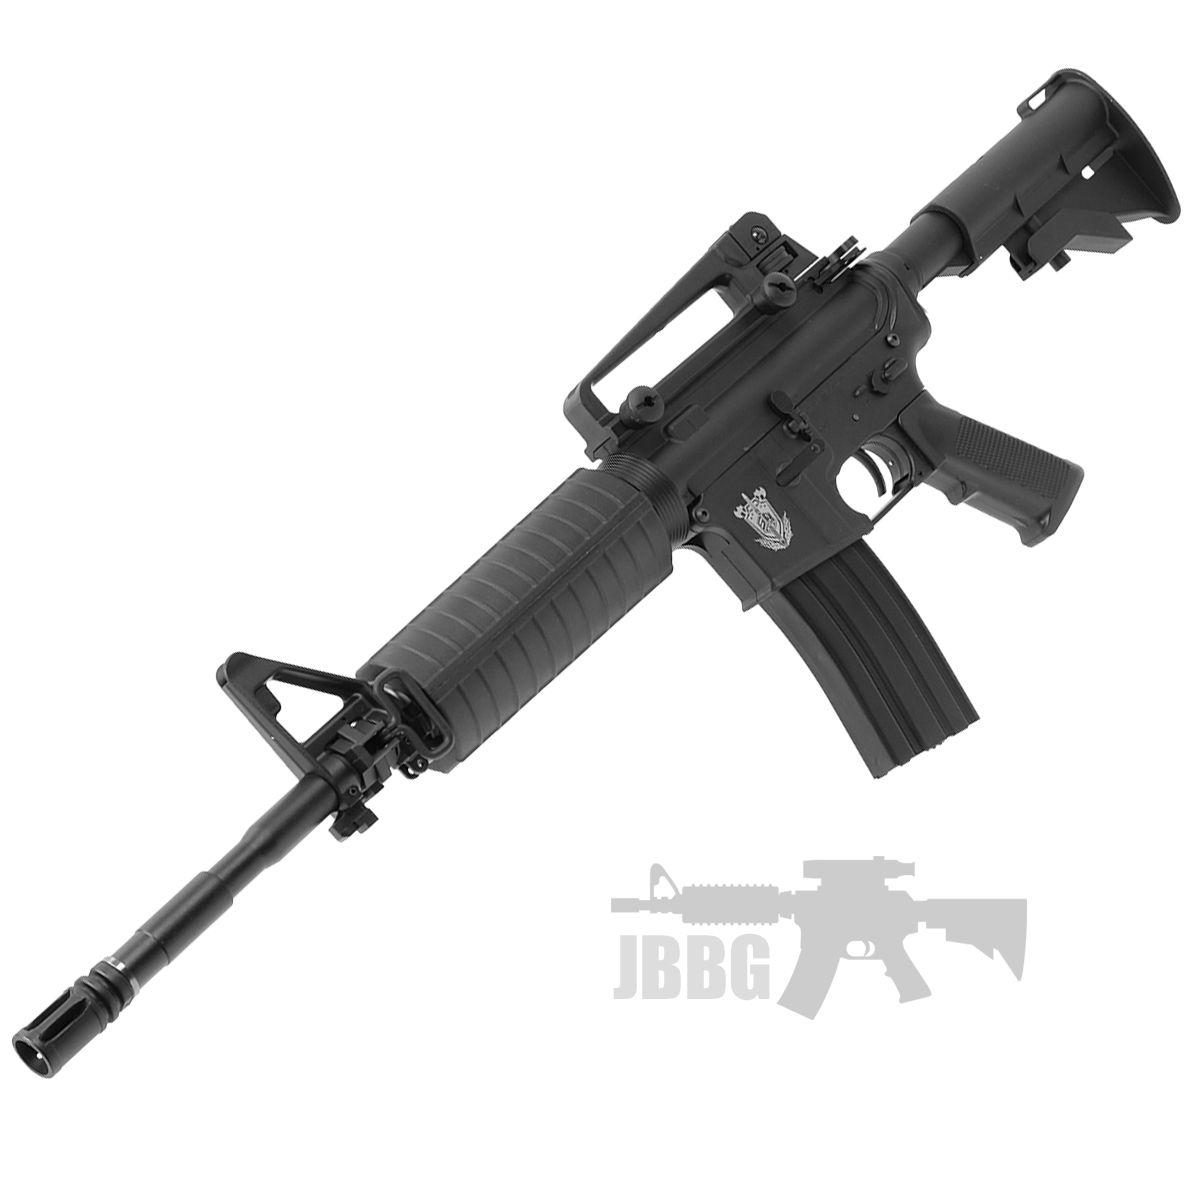 SR4A1 M4 Carbine Sportline AEG Airsoft Gun 2